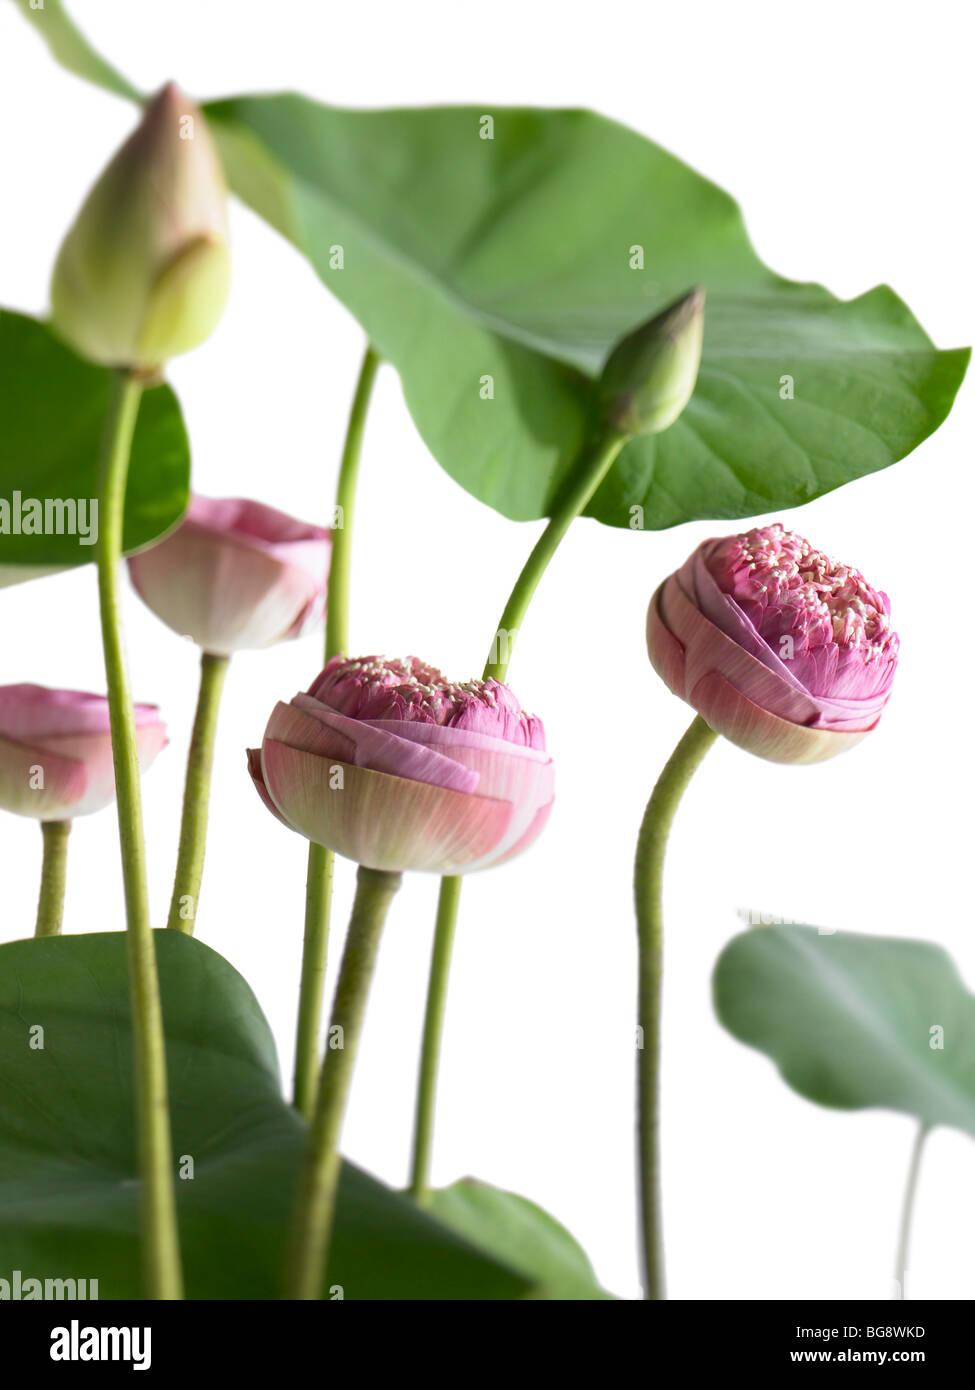 Lotus flower buds stock photos lotus flower buds stock images alamy pink lotus flower buds and leaves stock image mightylinksfo